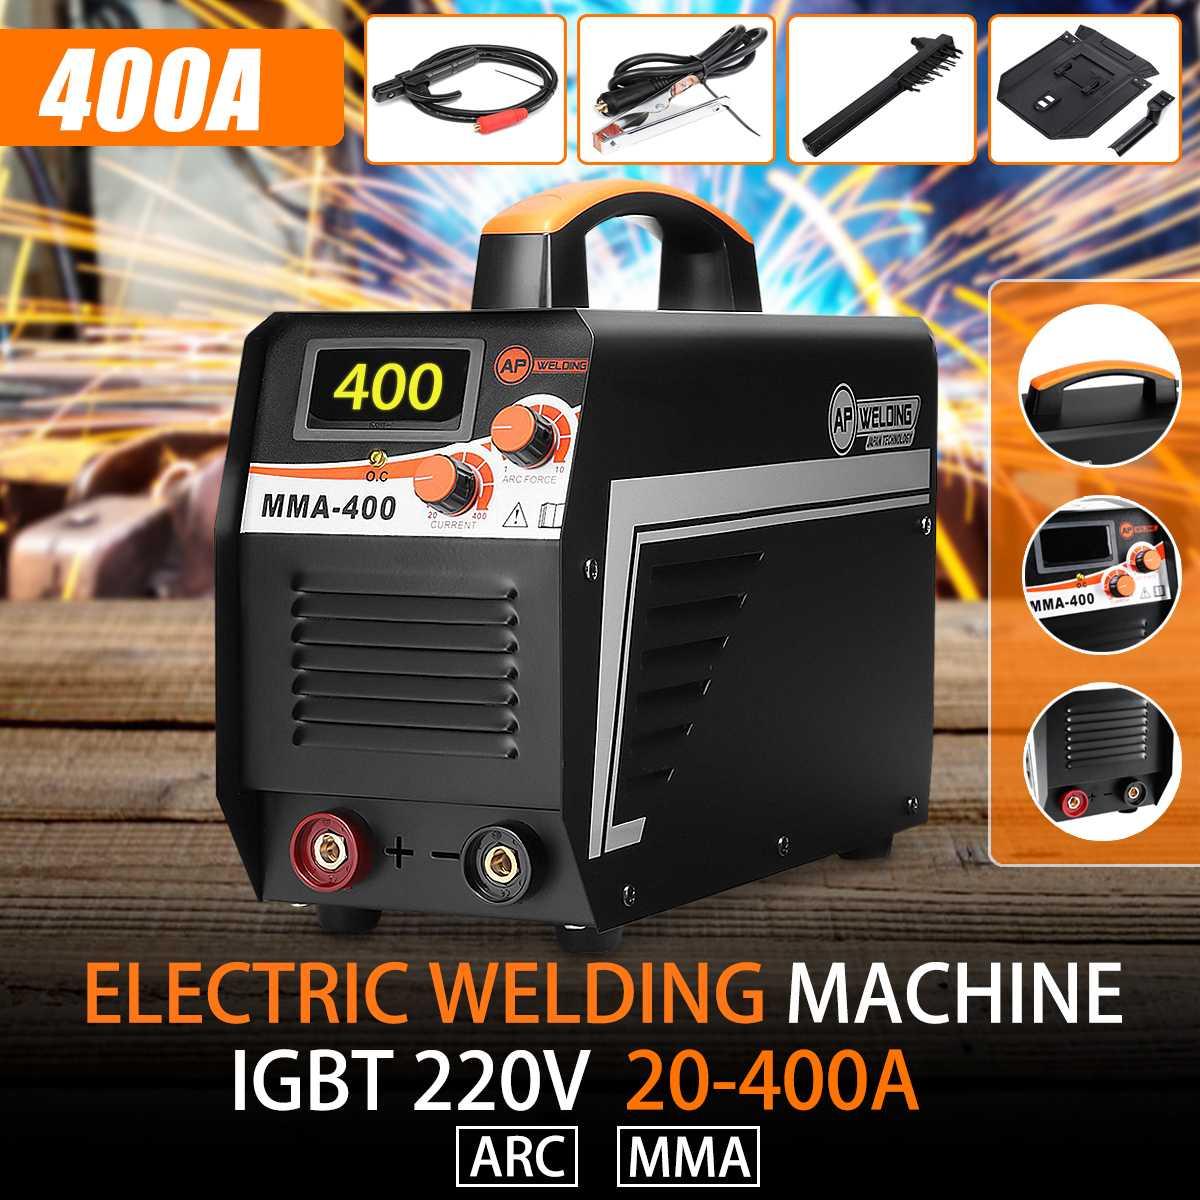 IGBT Inversor Máquina de Solda a Arco Elétrico 20-400A 220 V Display Digital MMA Arc Soldadores Vara Set + Máscara Para Solda trabalhando